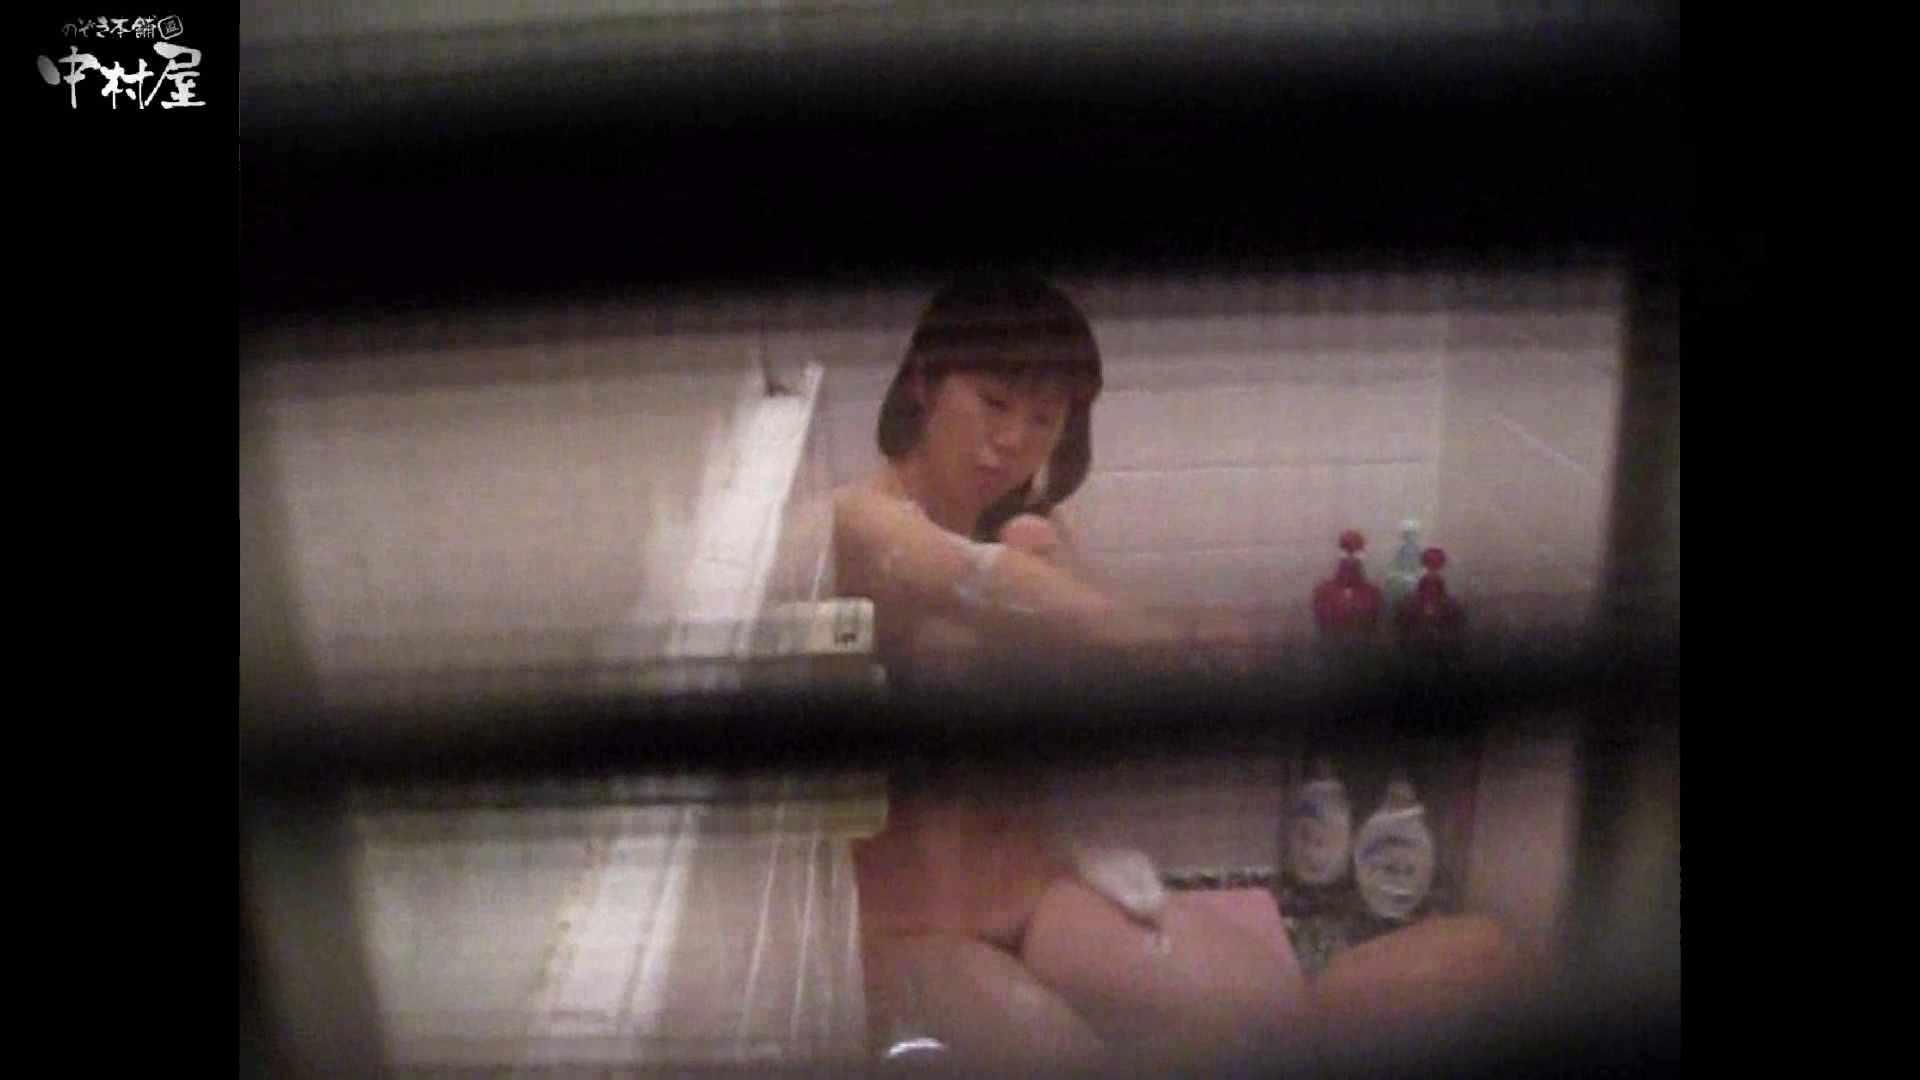 民家風呂専門盗撮師の超危険映像 vol.017 盗撮大放出 | いやらしい美少女  69連発 25